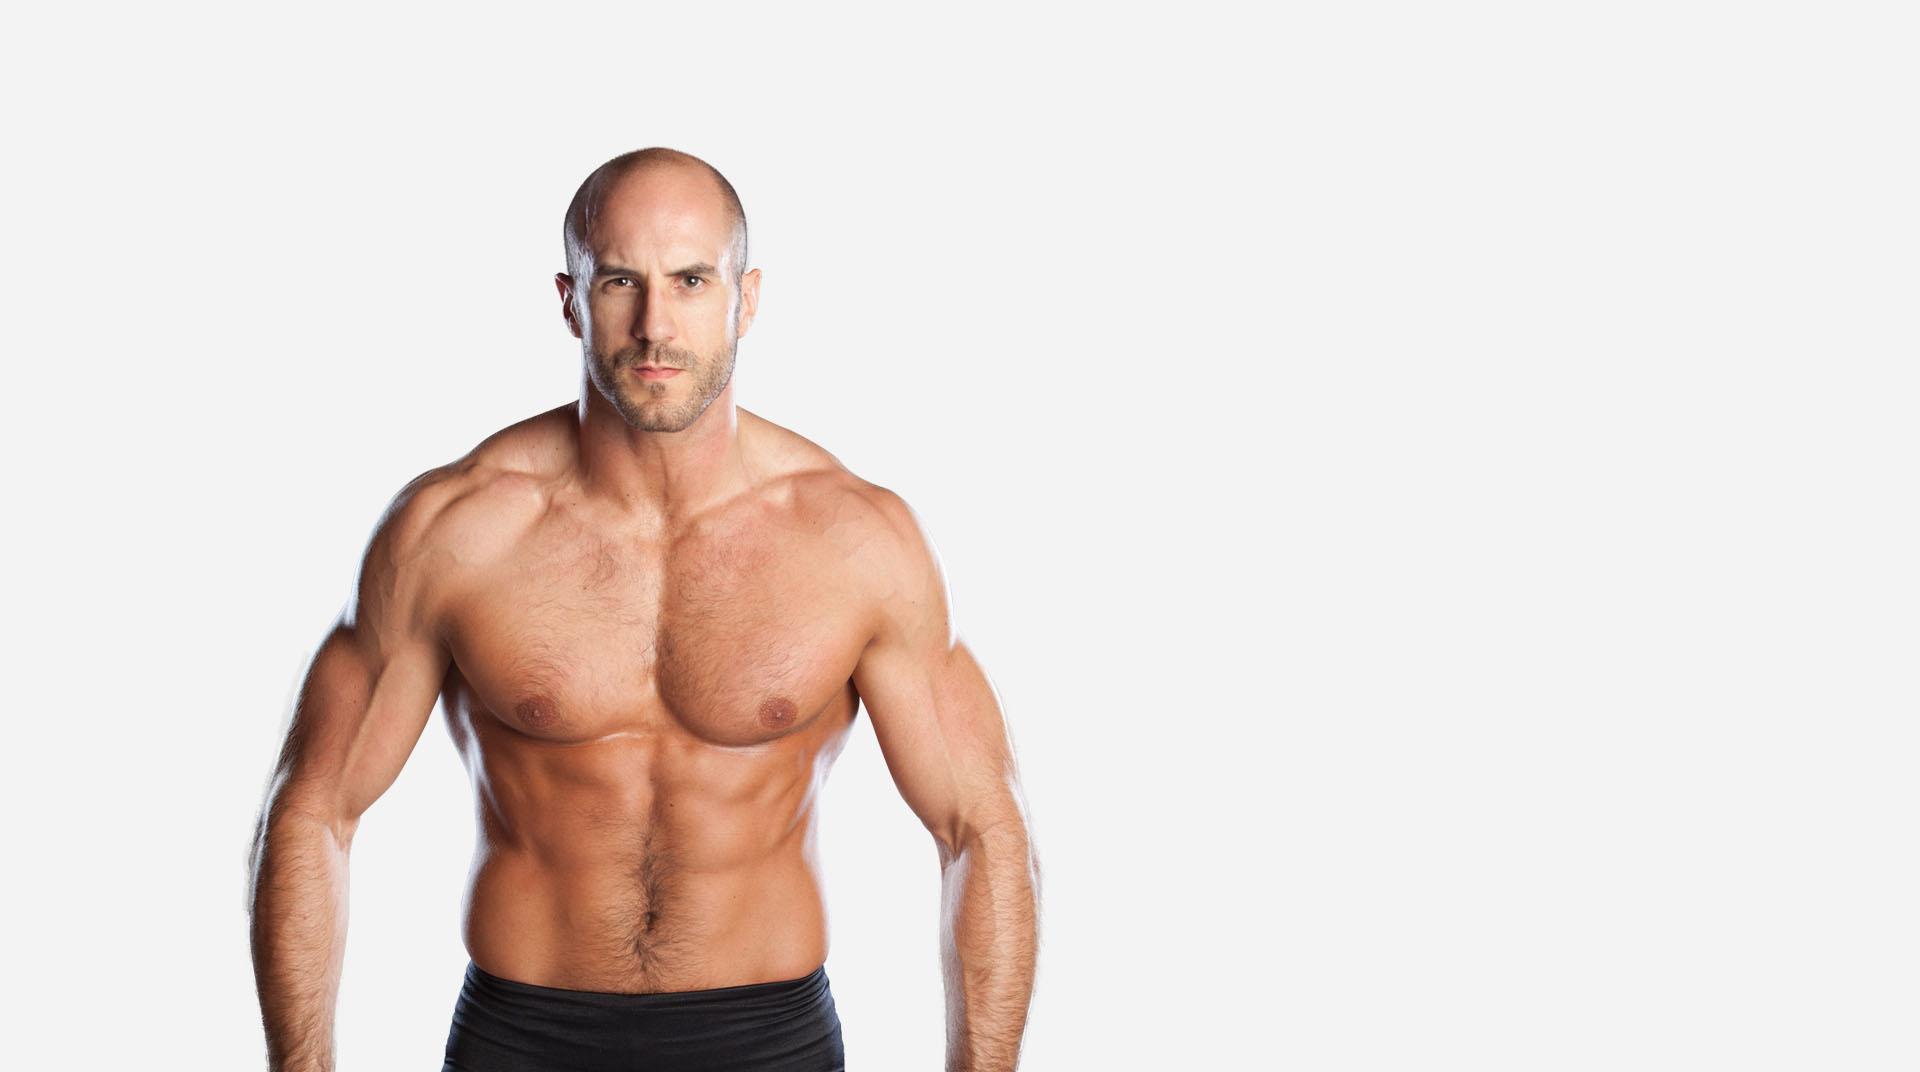 vendita steroidi online